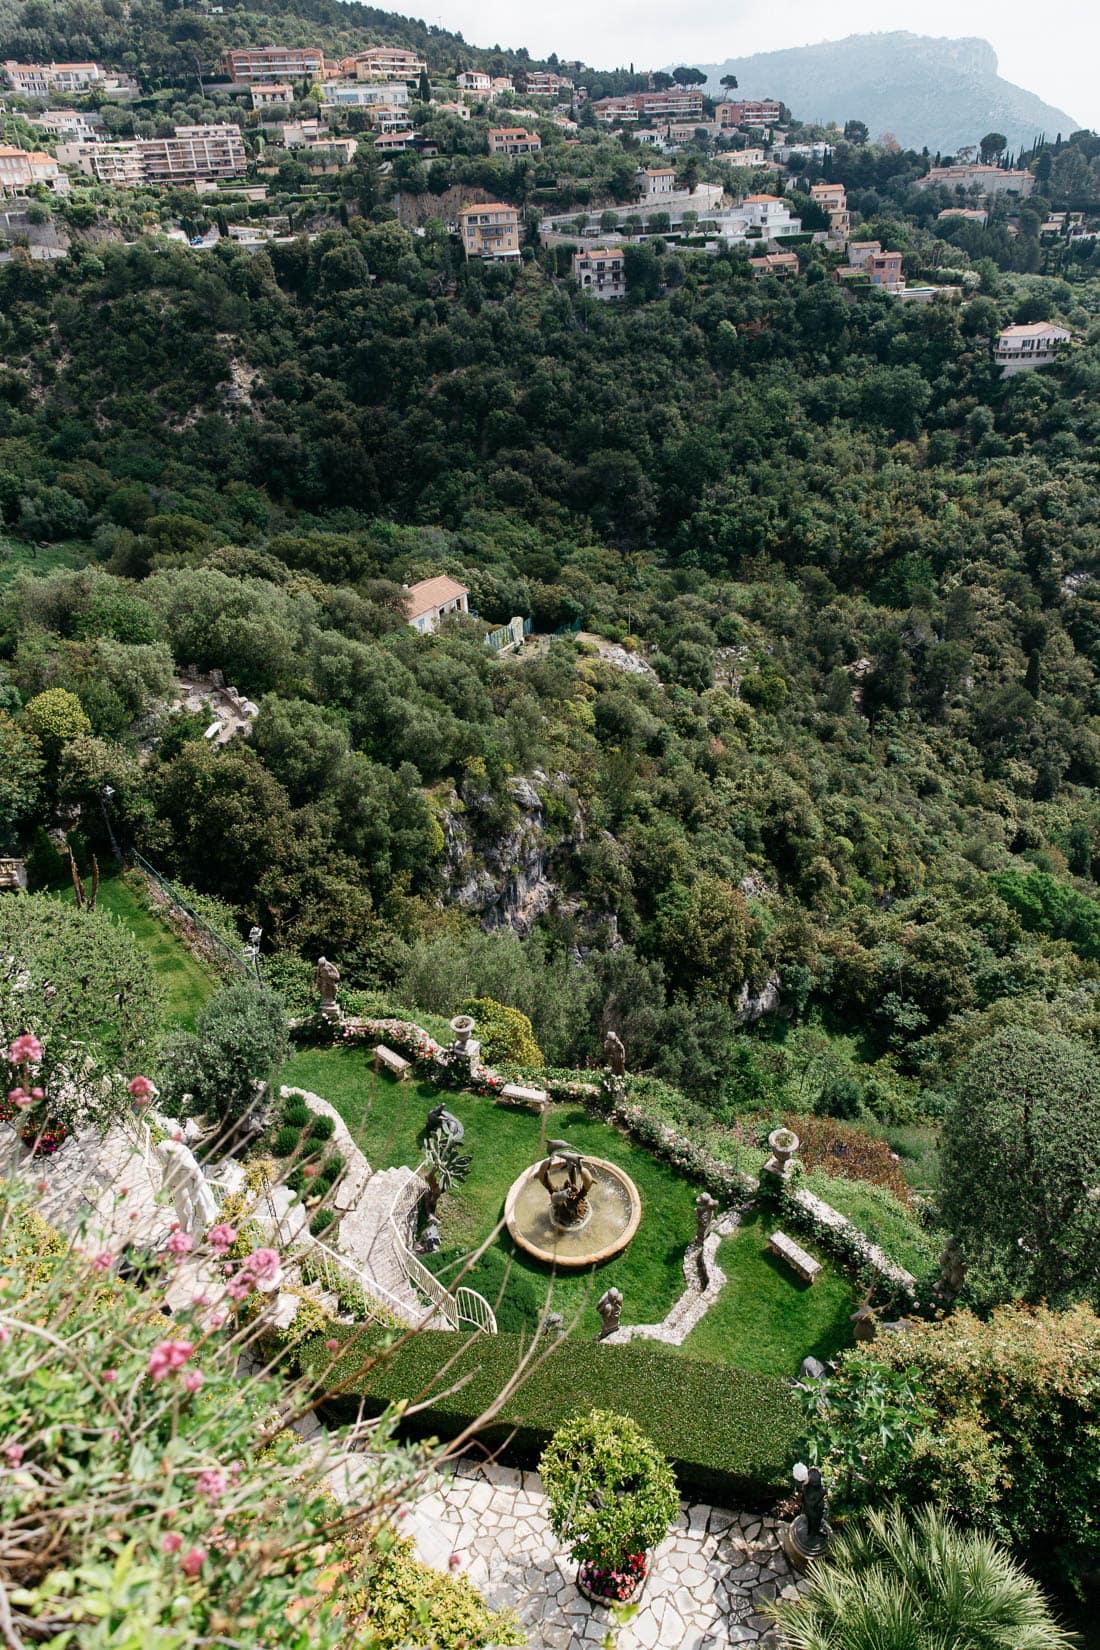 Gardens in Eze